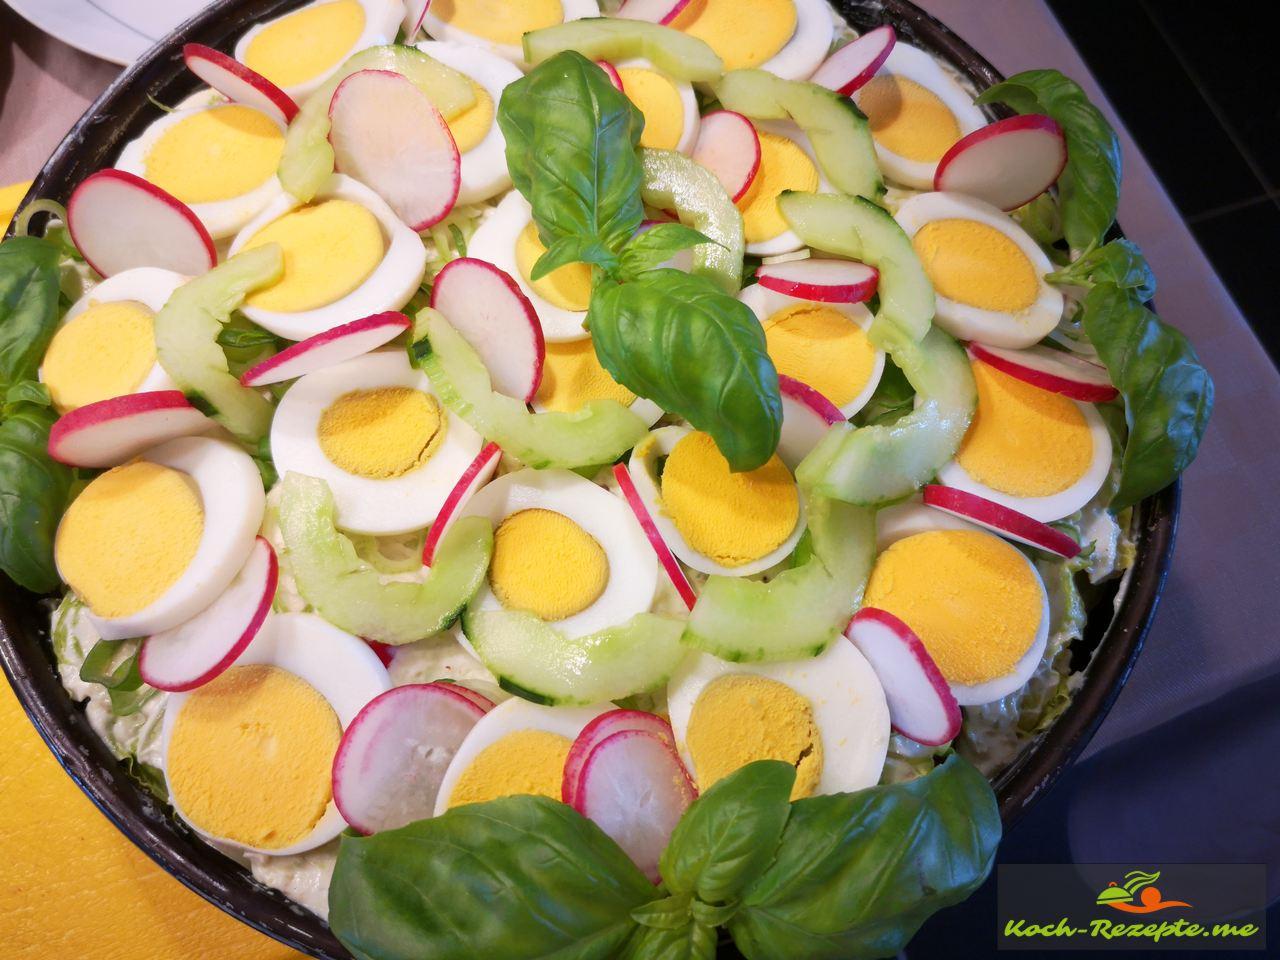 Fertigstellung der Salattorte